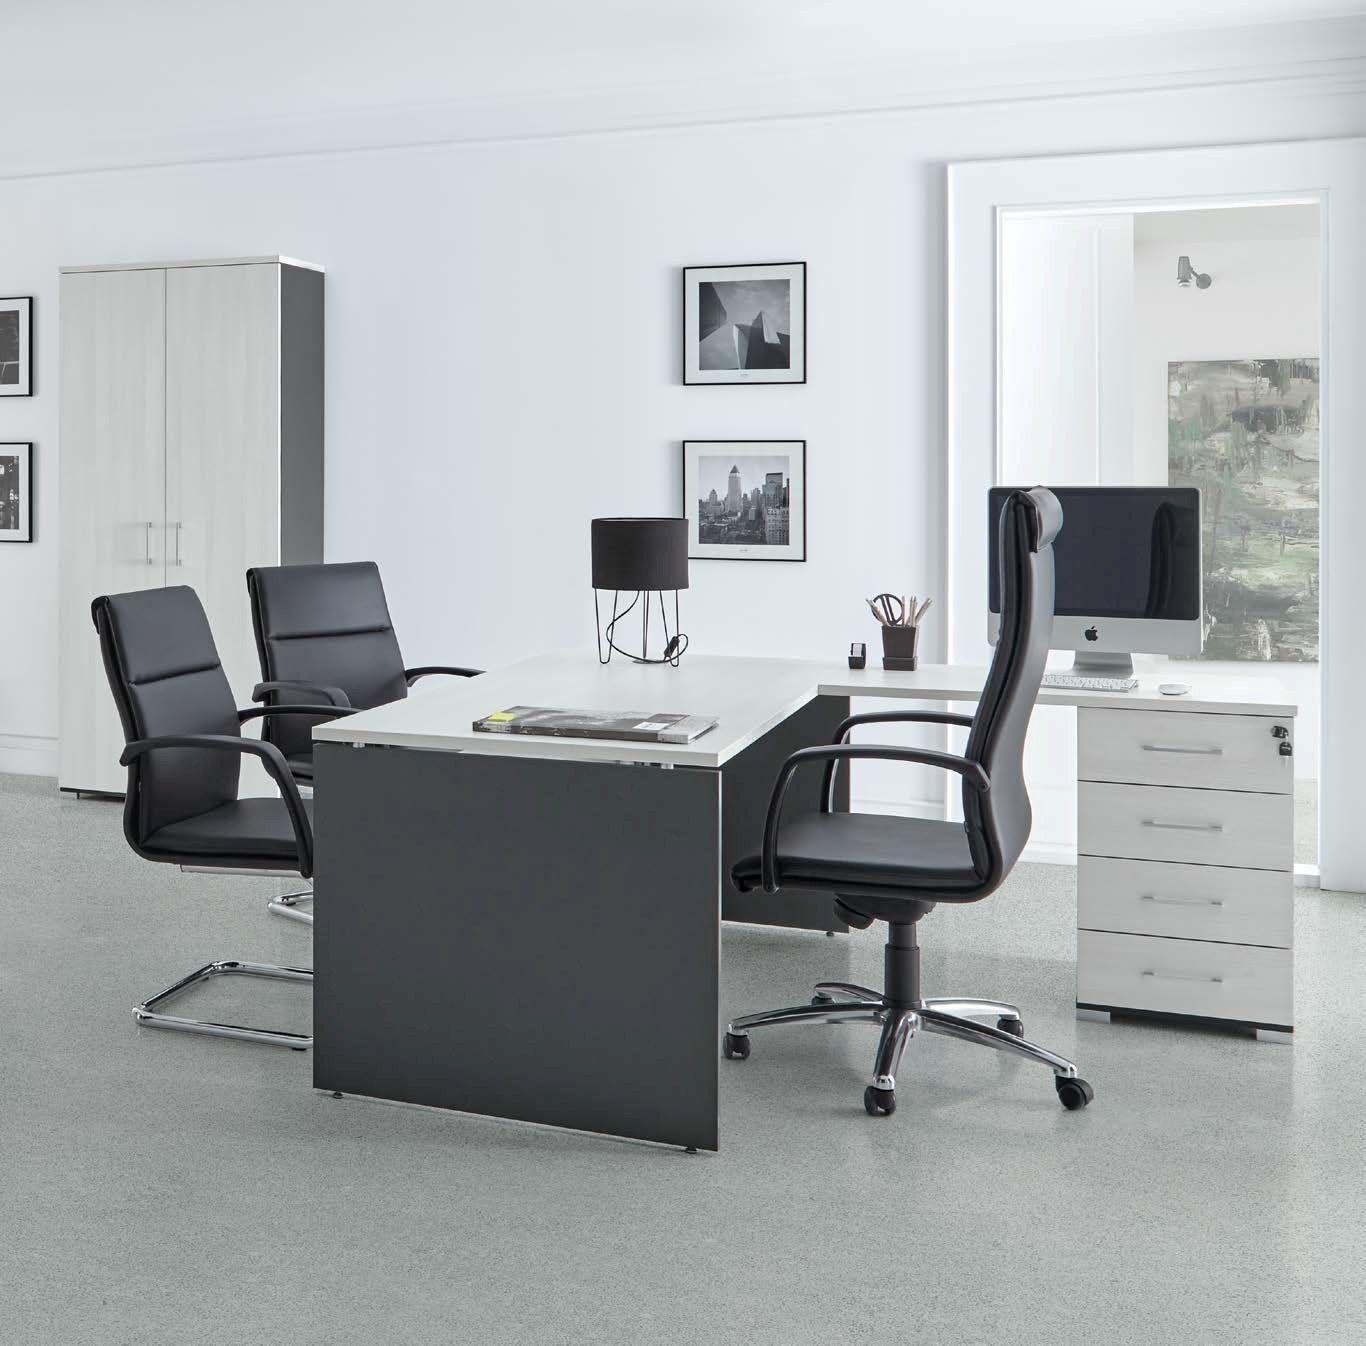 Despacho Escritorio De Oficina Ejecutiva Oficinas De Diseño Oficina De Lujo